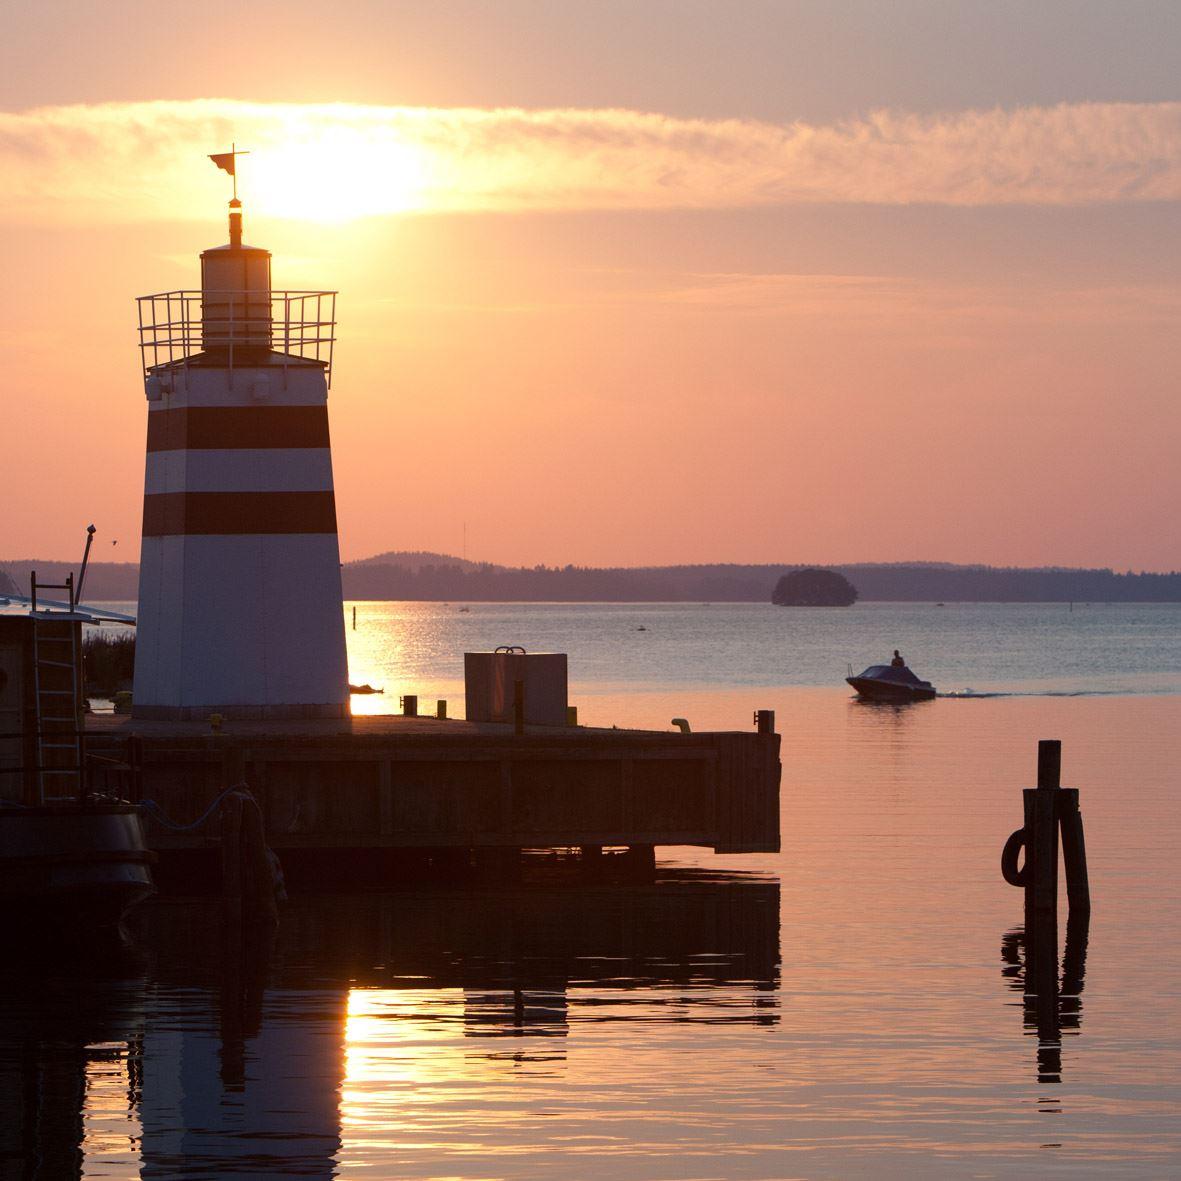 Vesijärven satama | Lahden satamakonttori